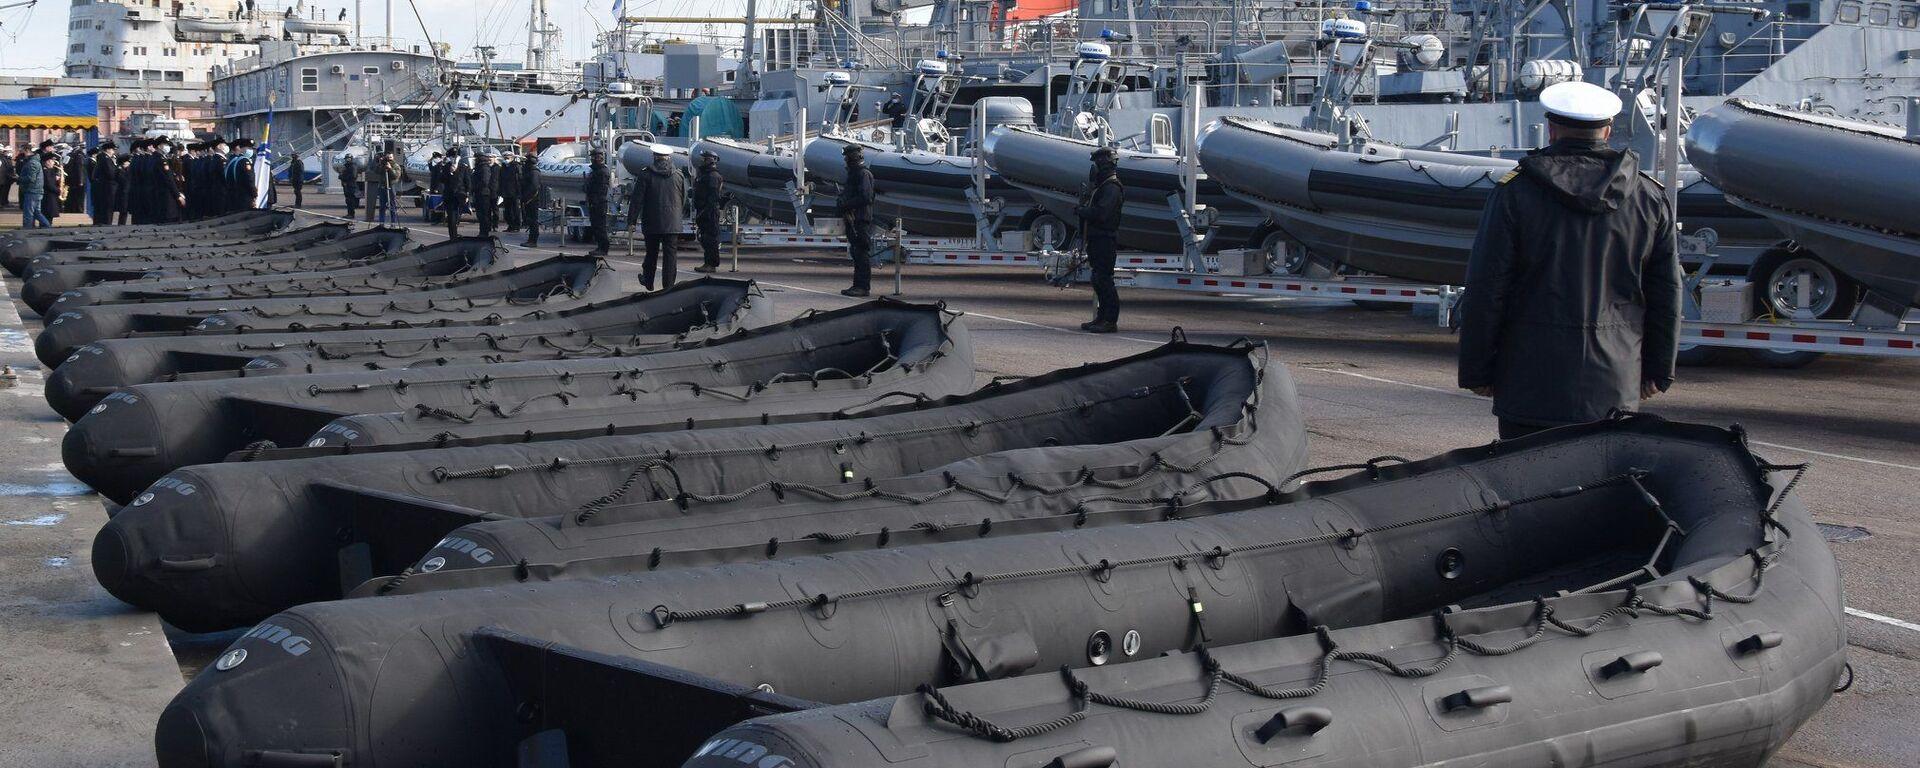 Церемония передачи американских катеров и лодок ВМС Украины в Одессе - Sputnik Латвия, 1920, 12.02.2021